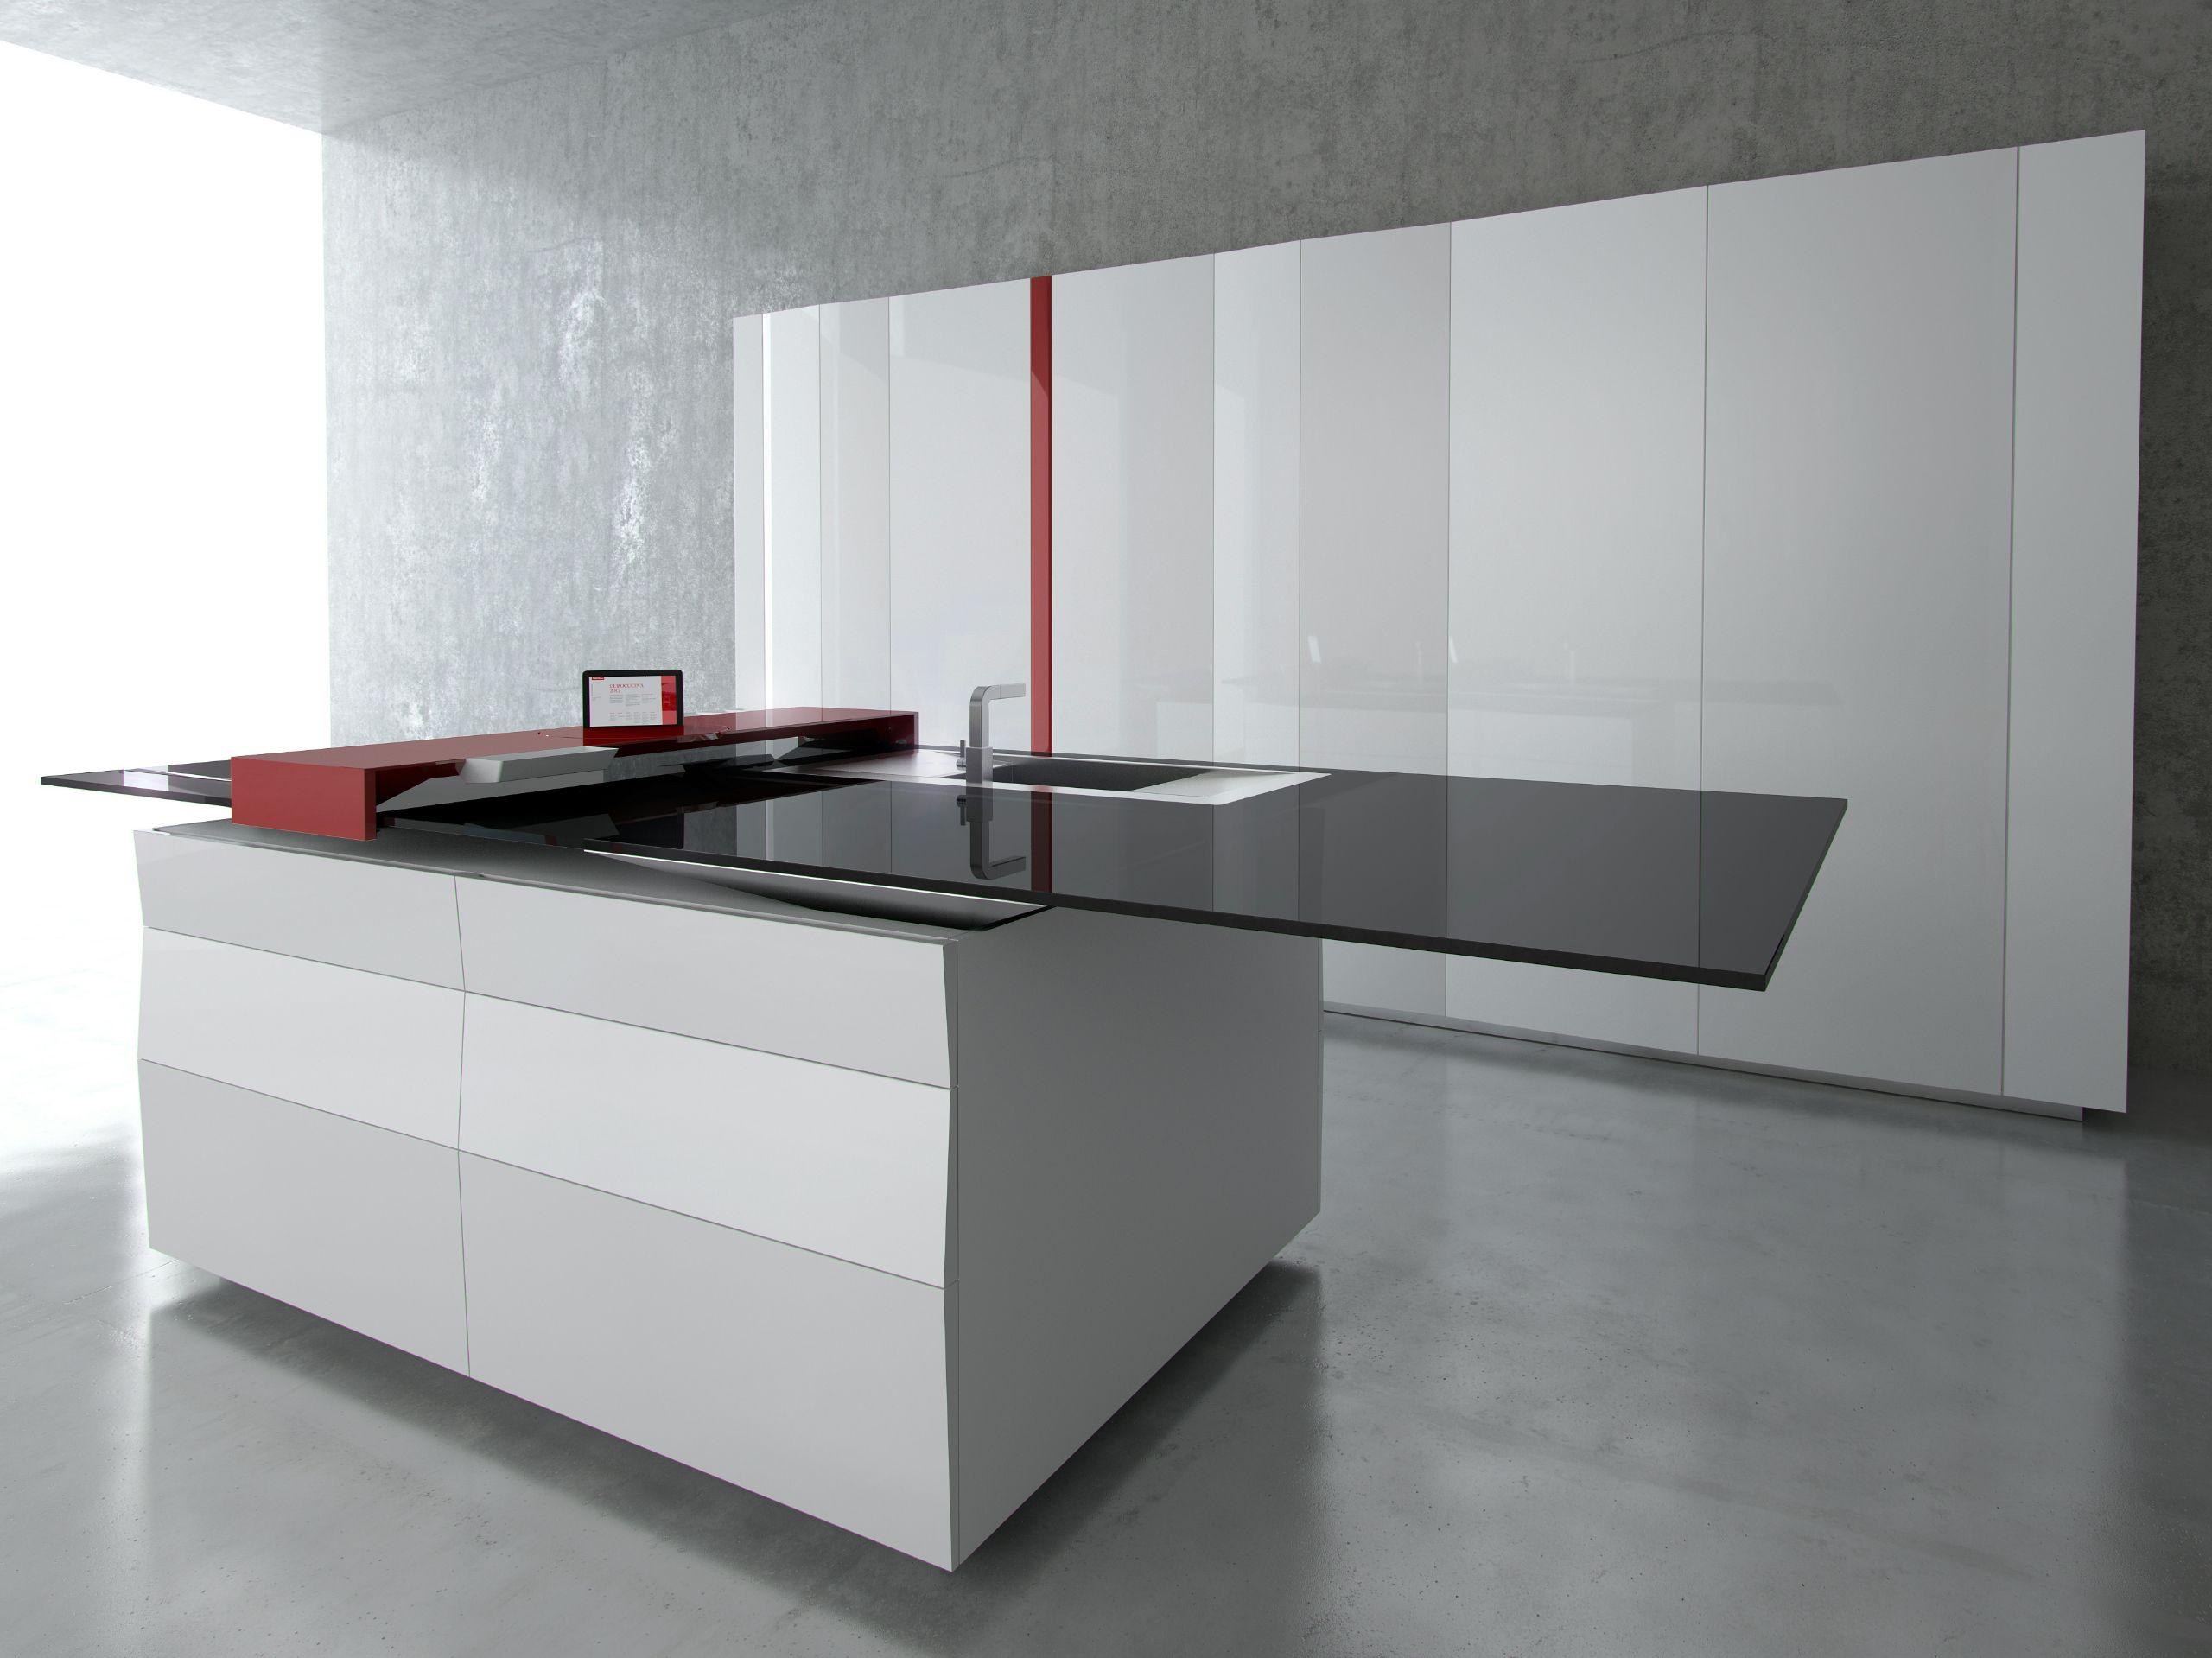 Cucina laccata con isola prisma by toncelli cucine design for Isola cucina design